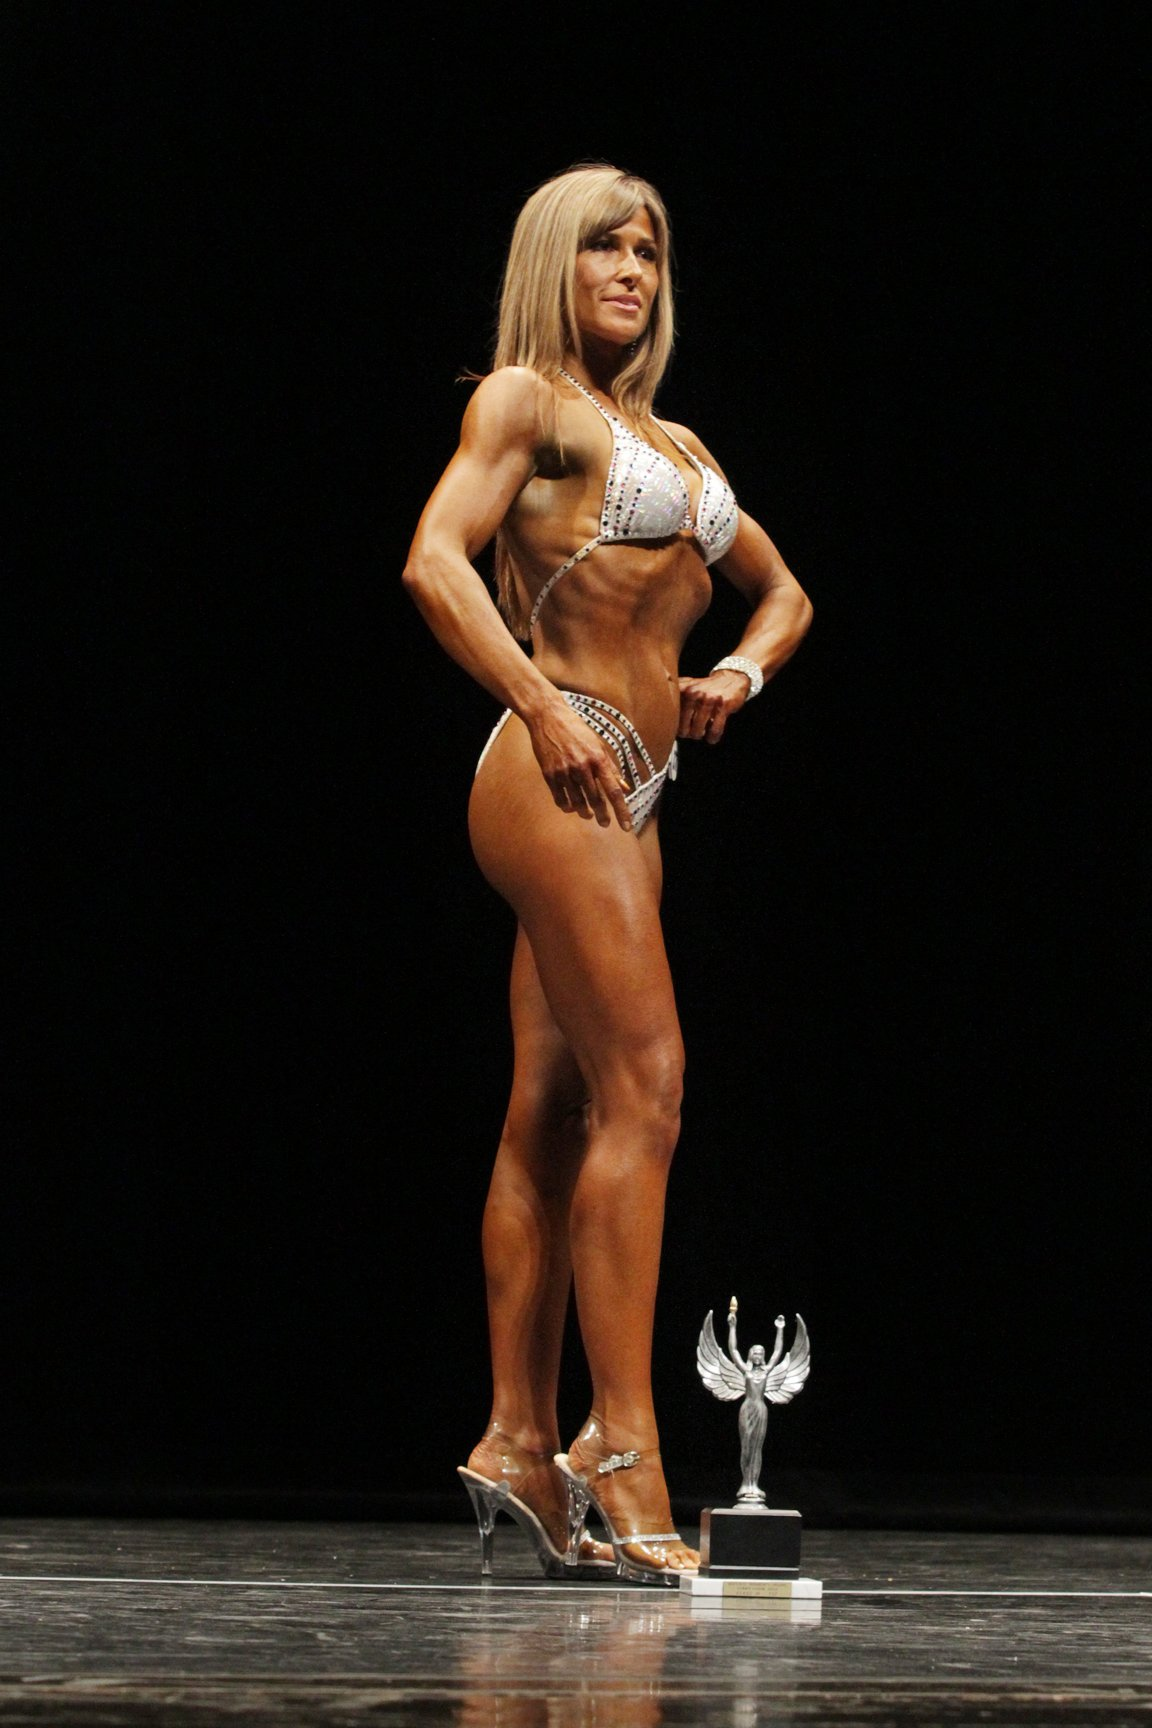 NPC Mr and Ms Buffalo Championships: Laurie Wojcik